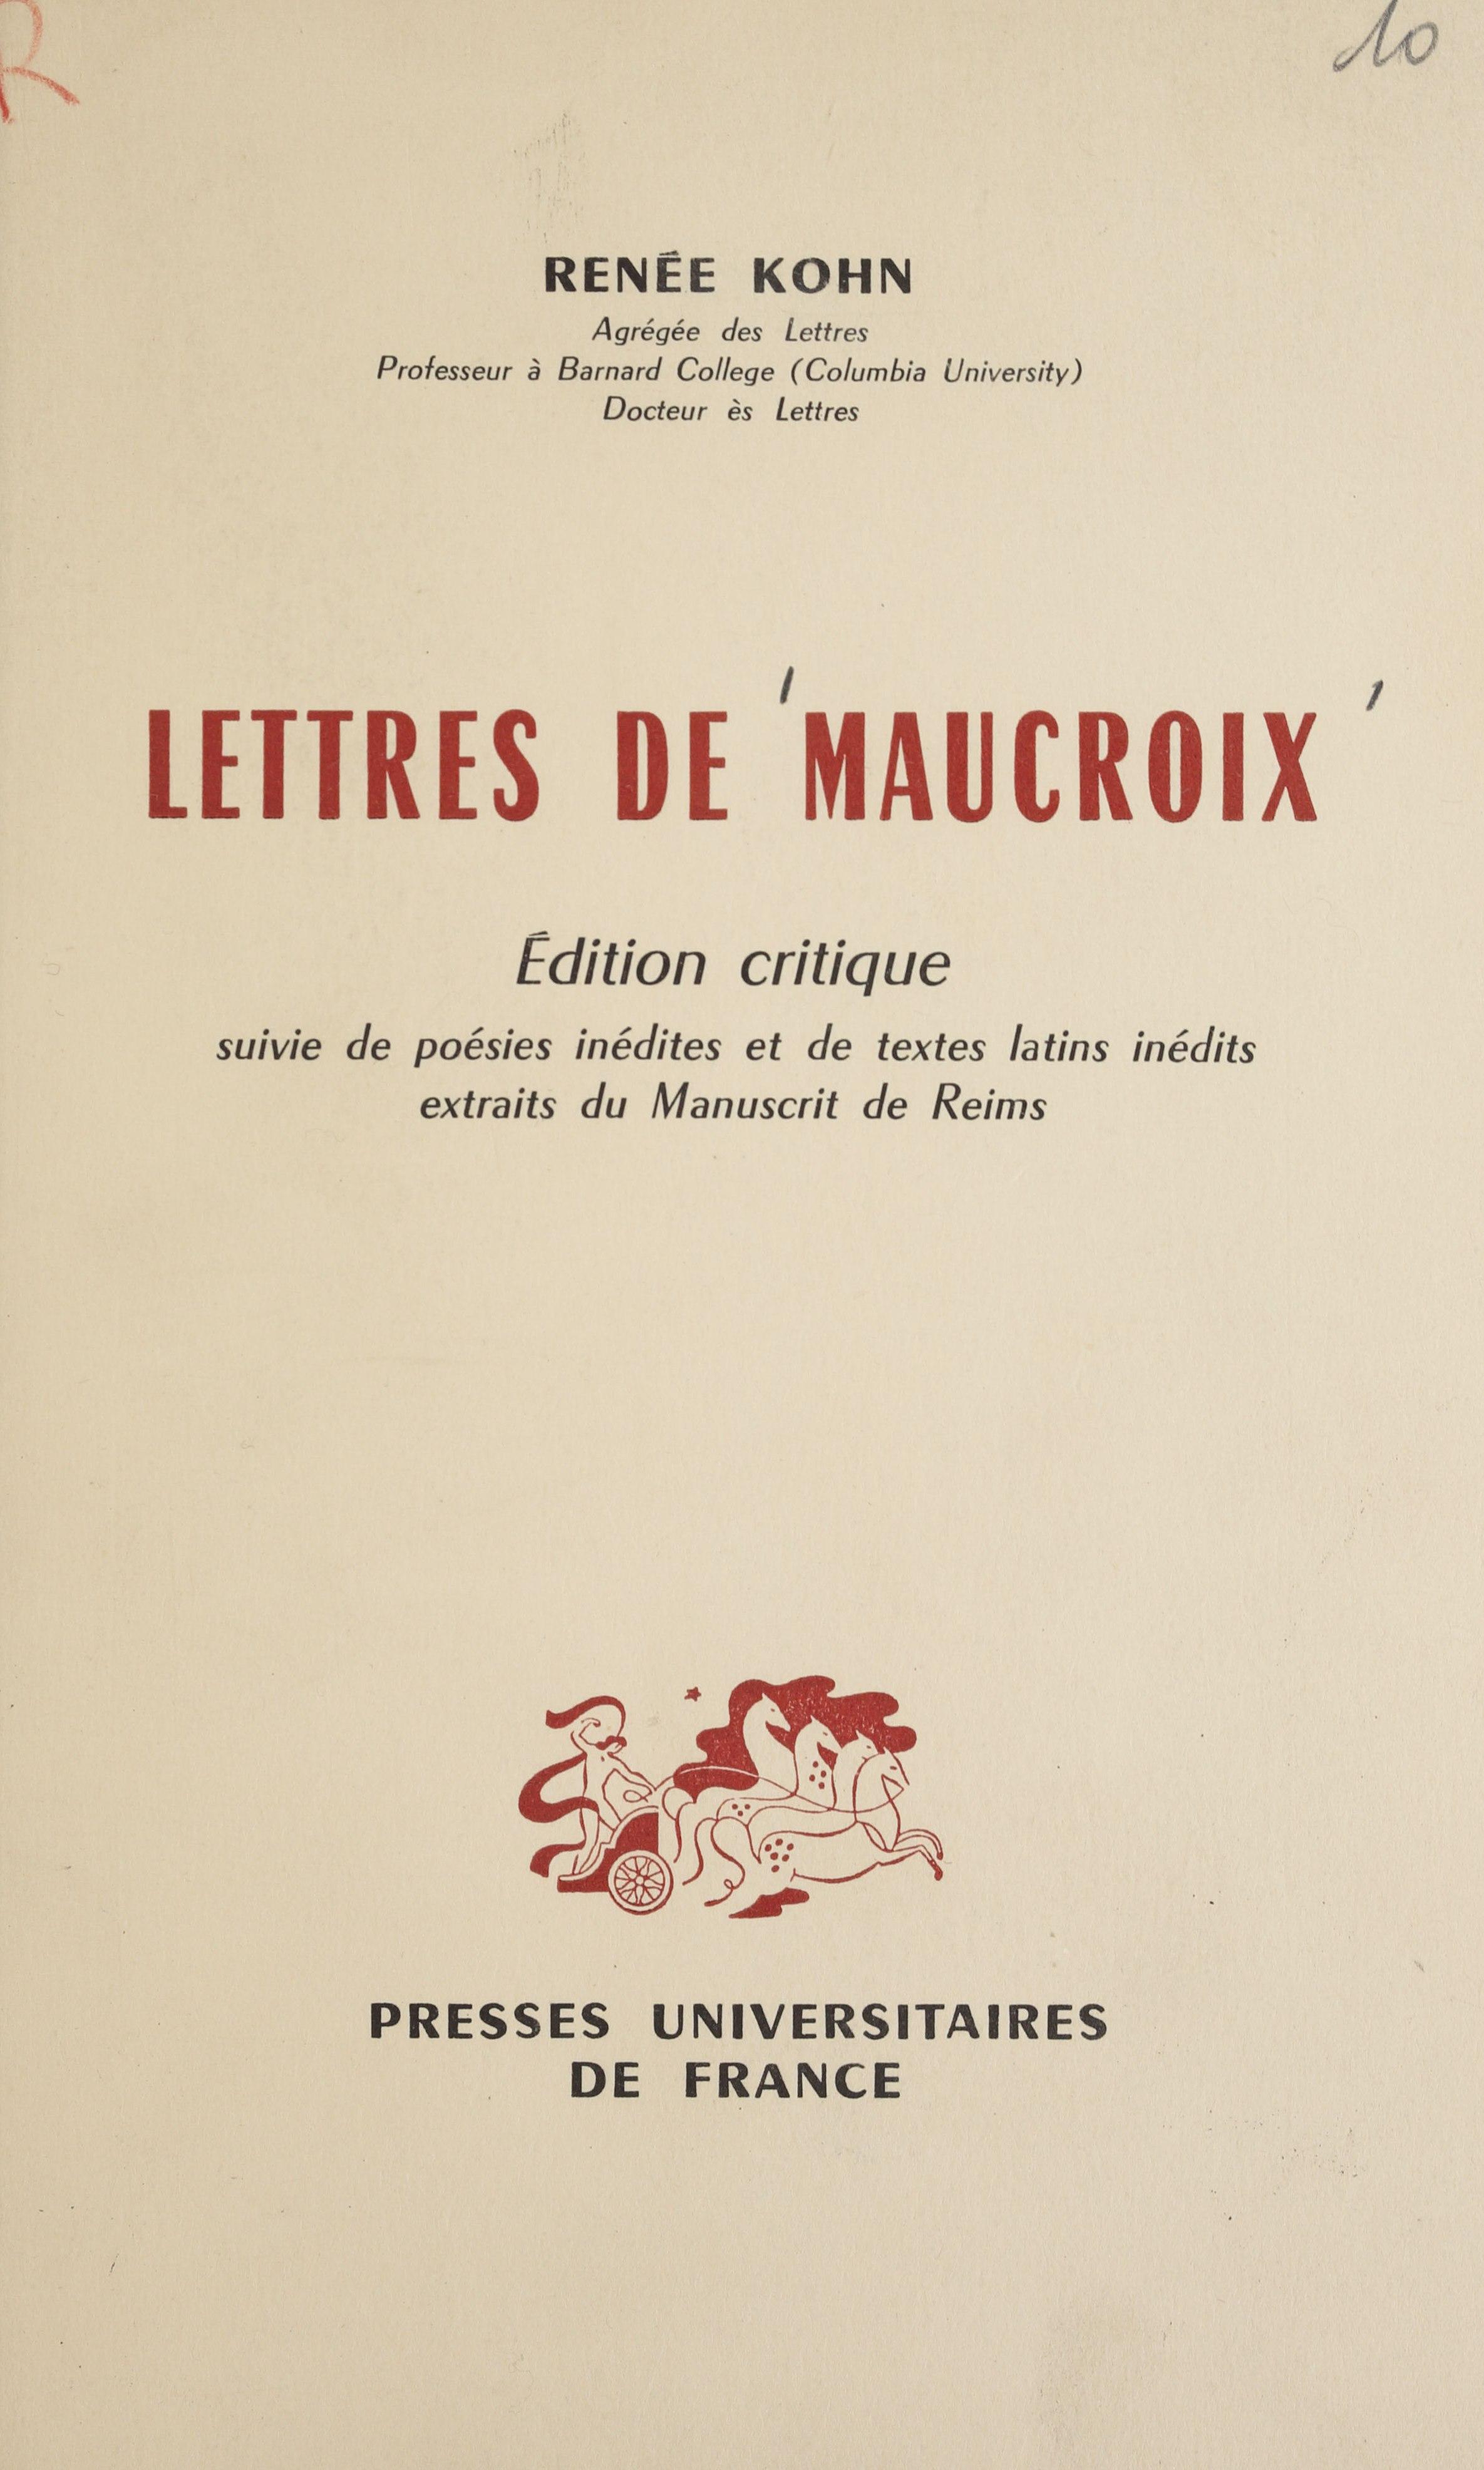 Lettres de Maucroix, SUIVIES DE POÉSIES INÉDITES ET DE TEXTES LATINS INÉDITS EXTRAITS DU MANUSCRIT DE REIMS